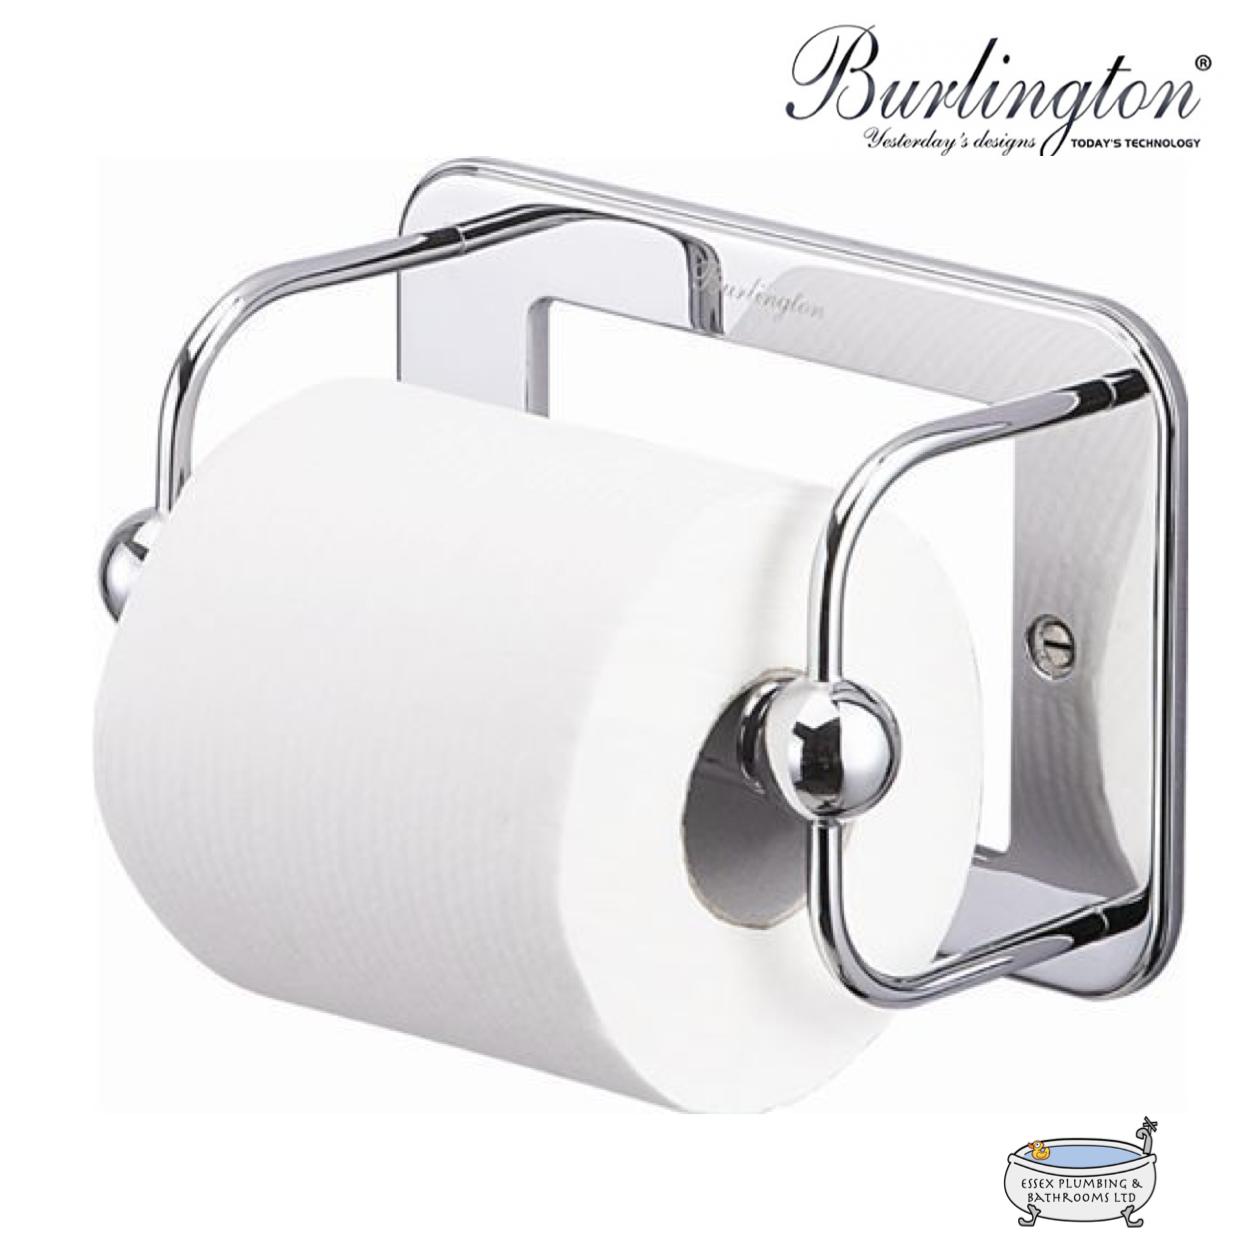 Burlington Porte-rouleaux de papier toilette Chrome (A5CHR) | | | Apparence Attrayante  804e2a